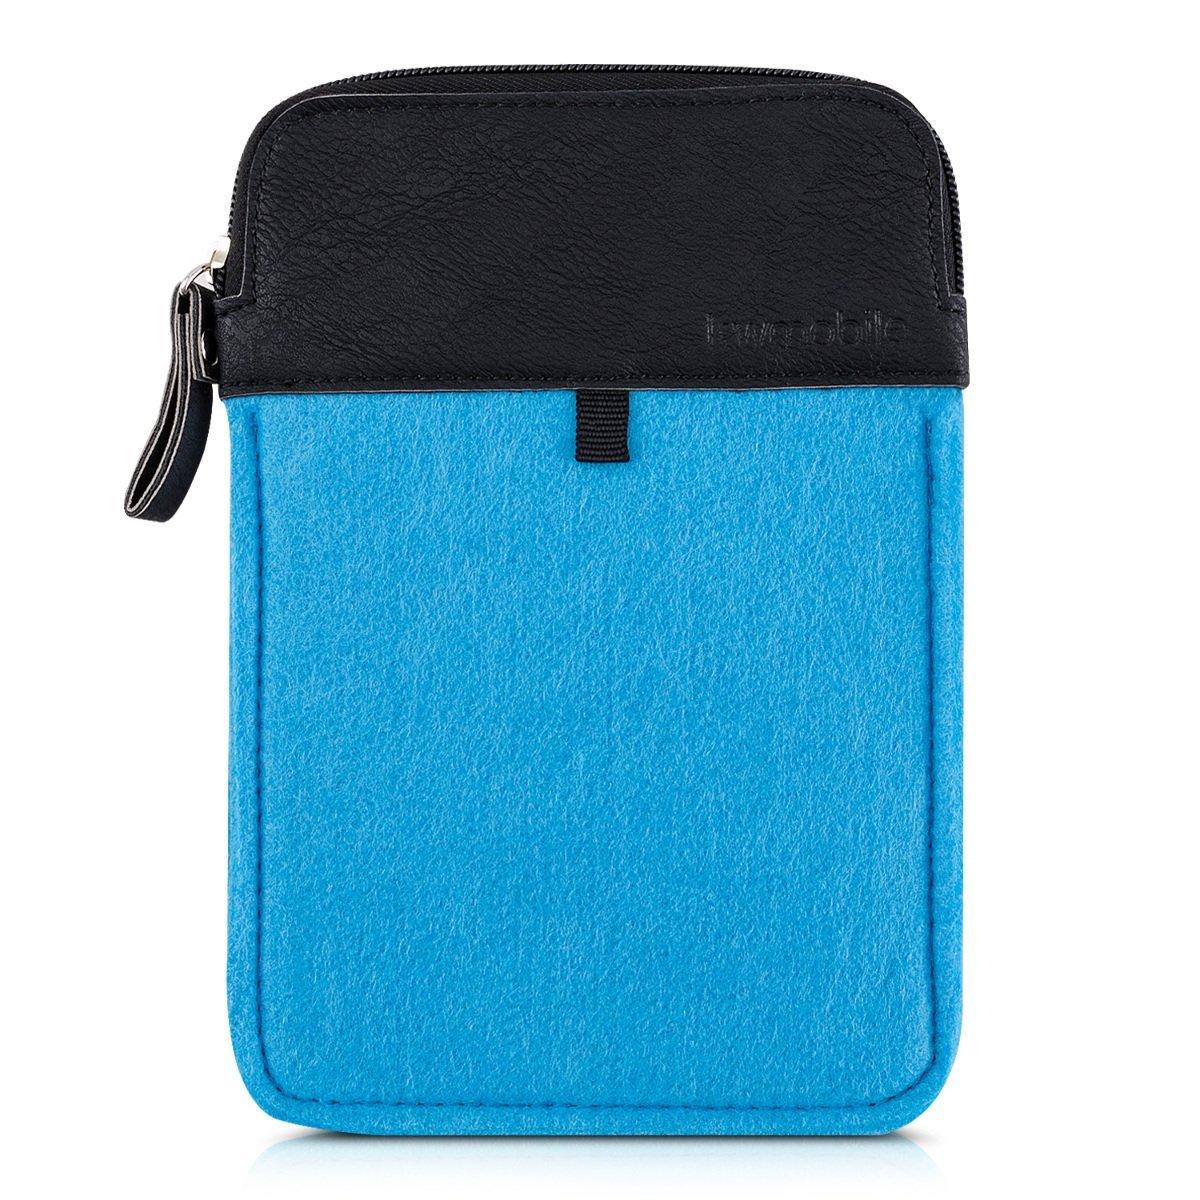 Le-migliori-5-cover-e-custodie-per-l'Asus-FonePad-7-FE170CG-su-Amazon-4